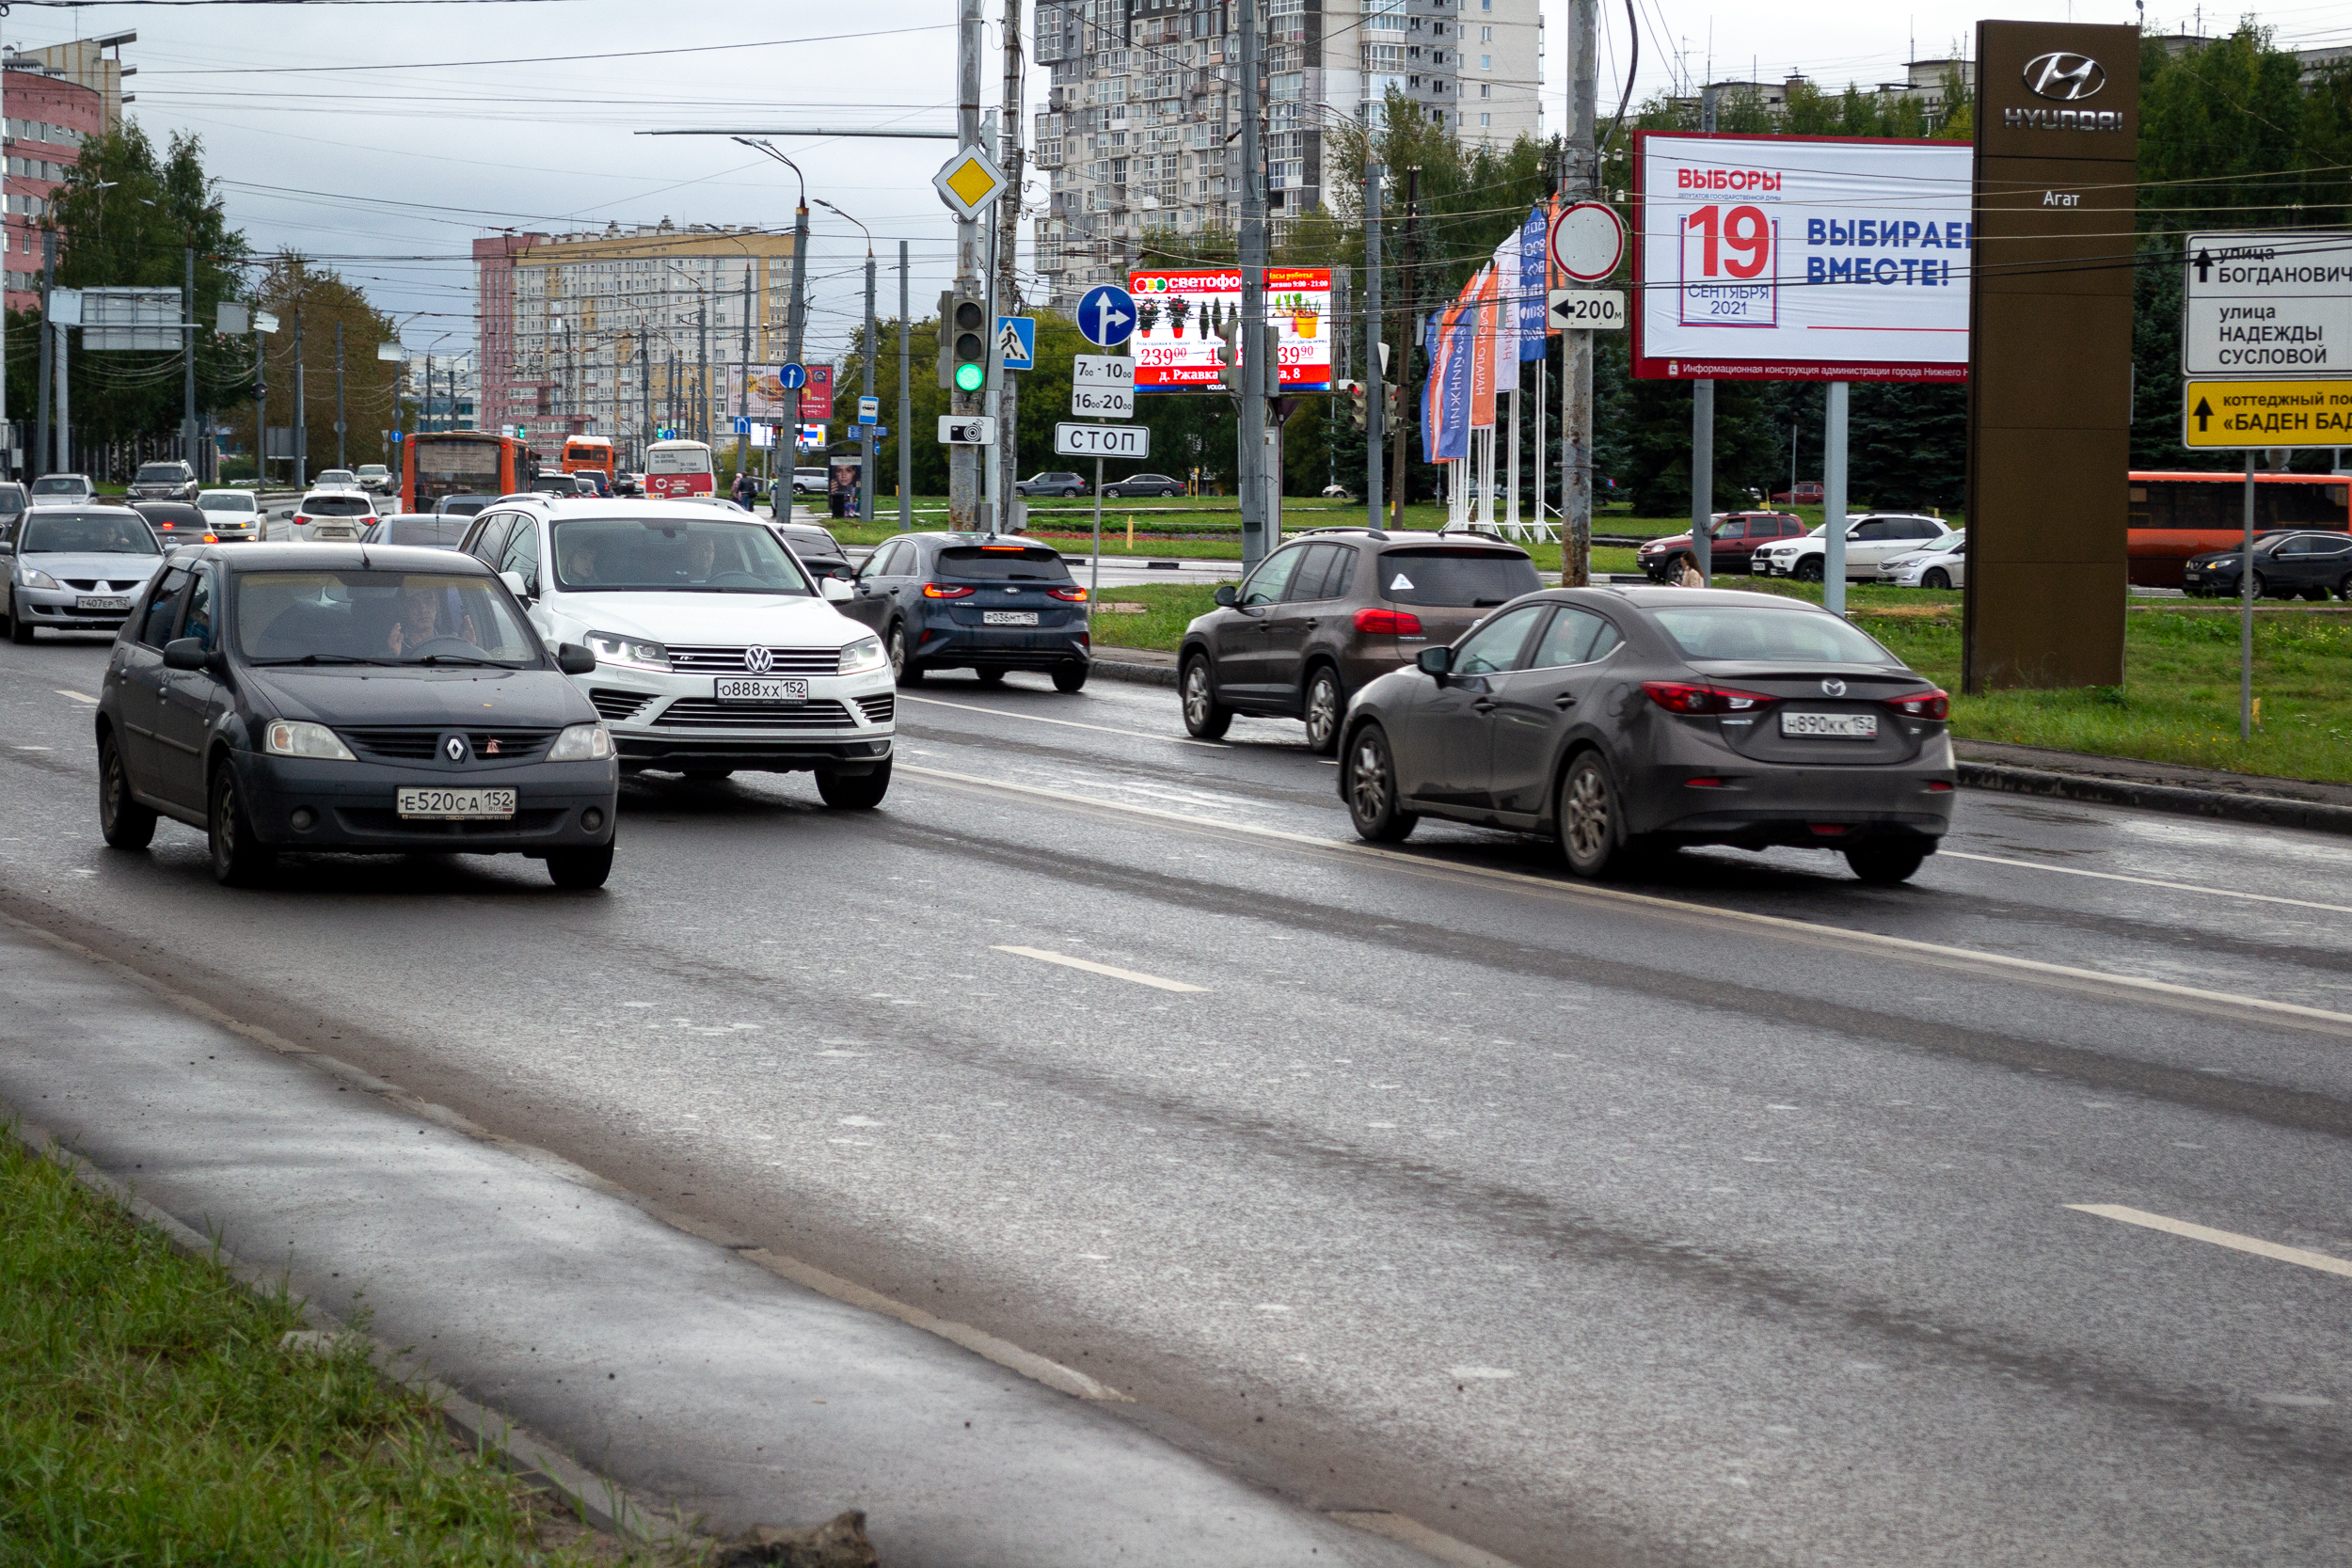 Мэр Нижнего Новгорода оценил качество ремонта Казанского шоссе - фото 1